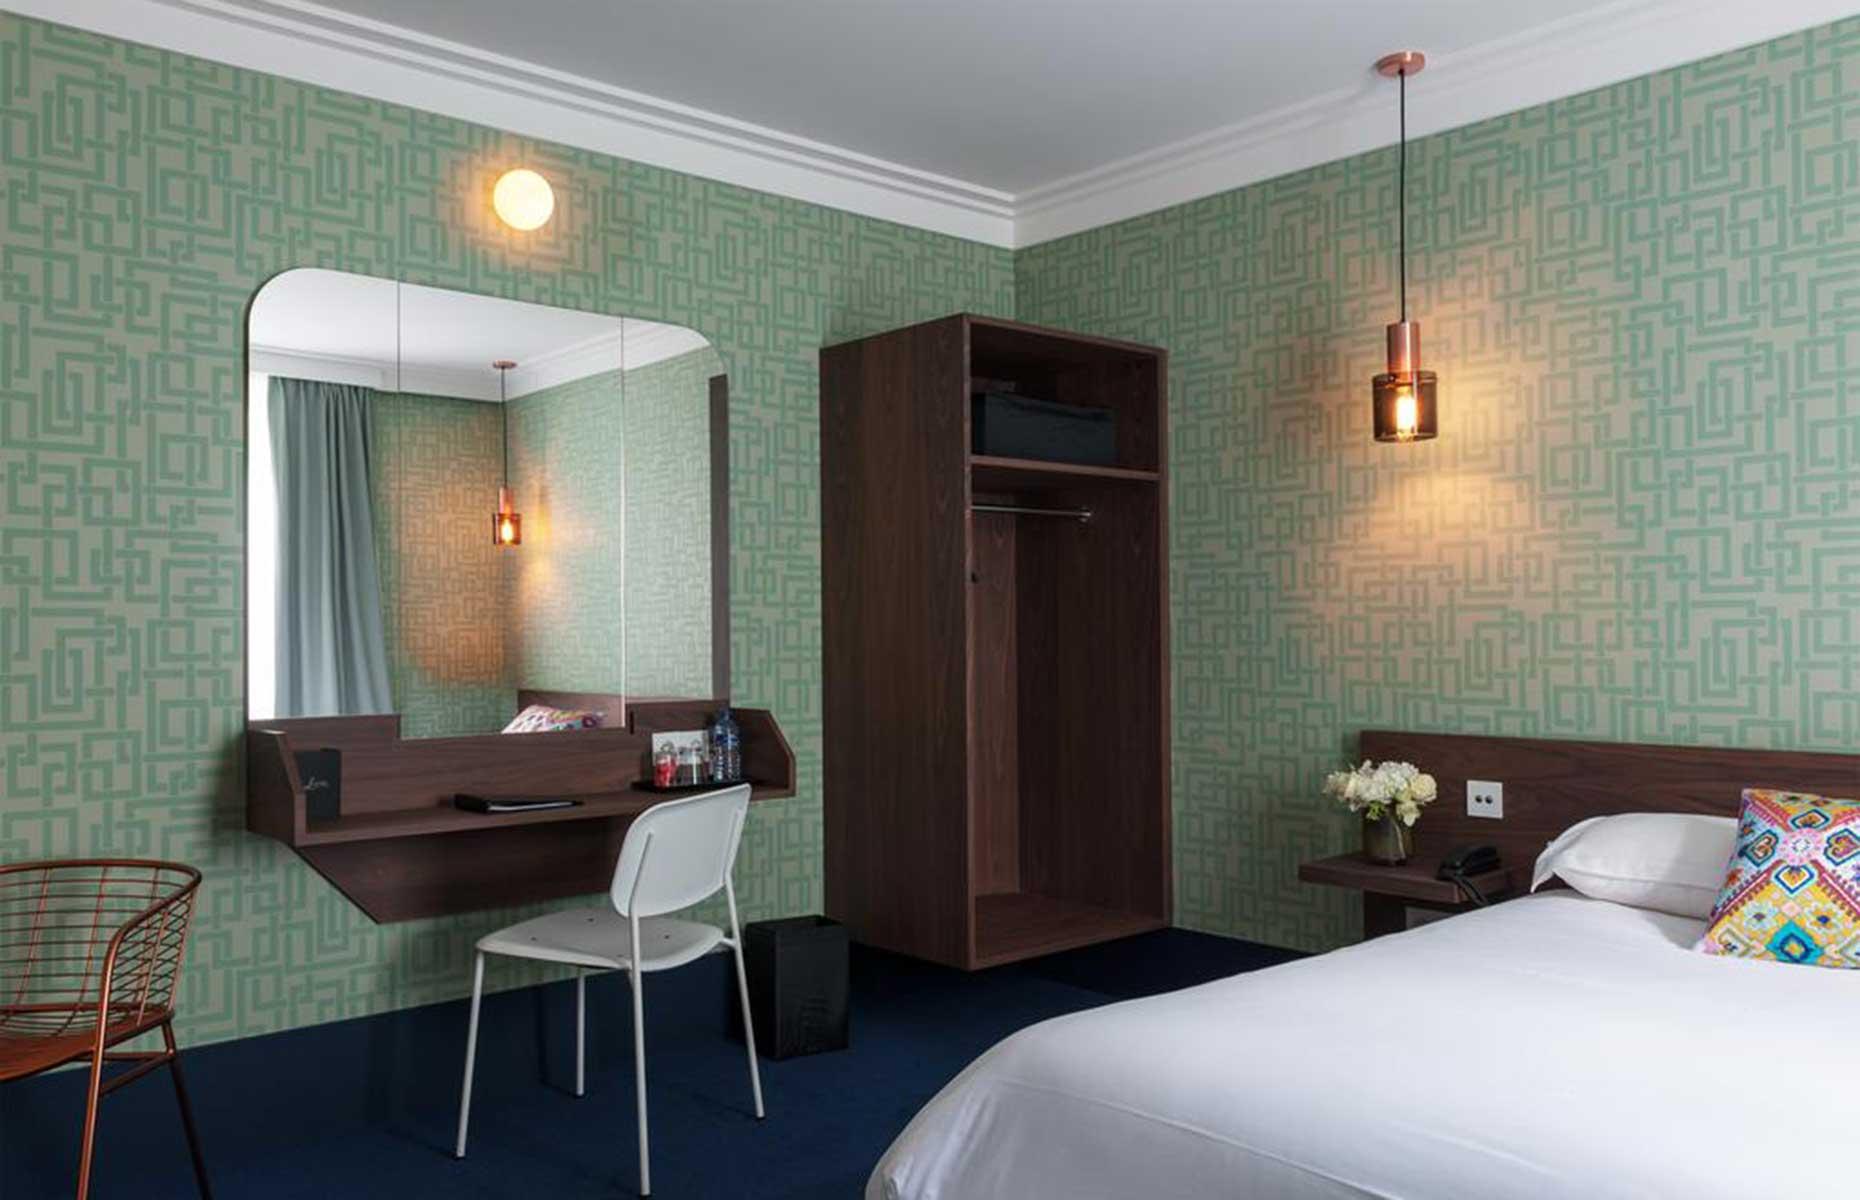 L'Hotel, Nantes (Image: L'Hotel/booking.com)